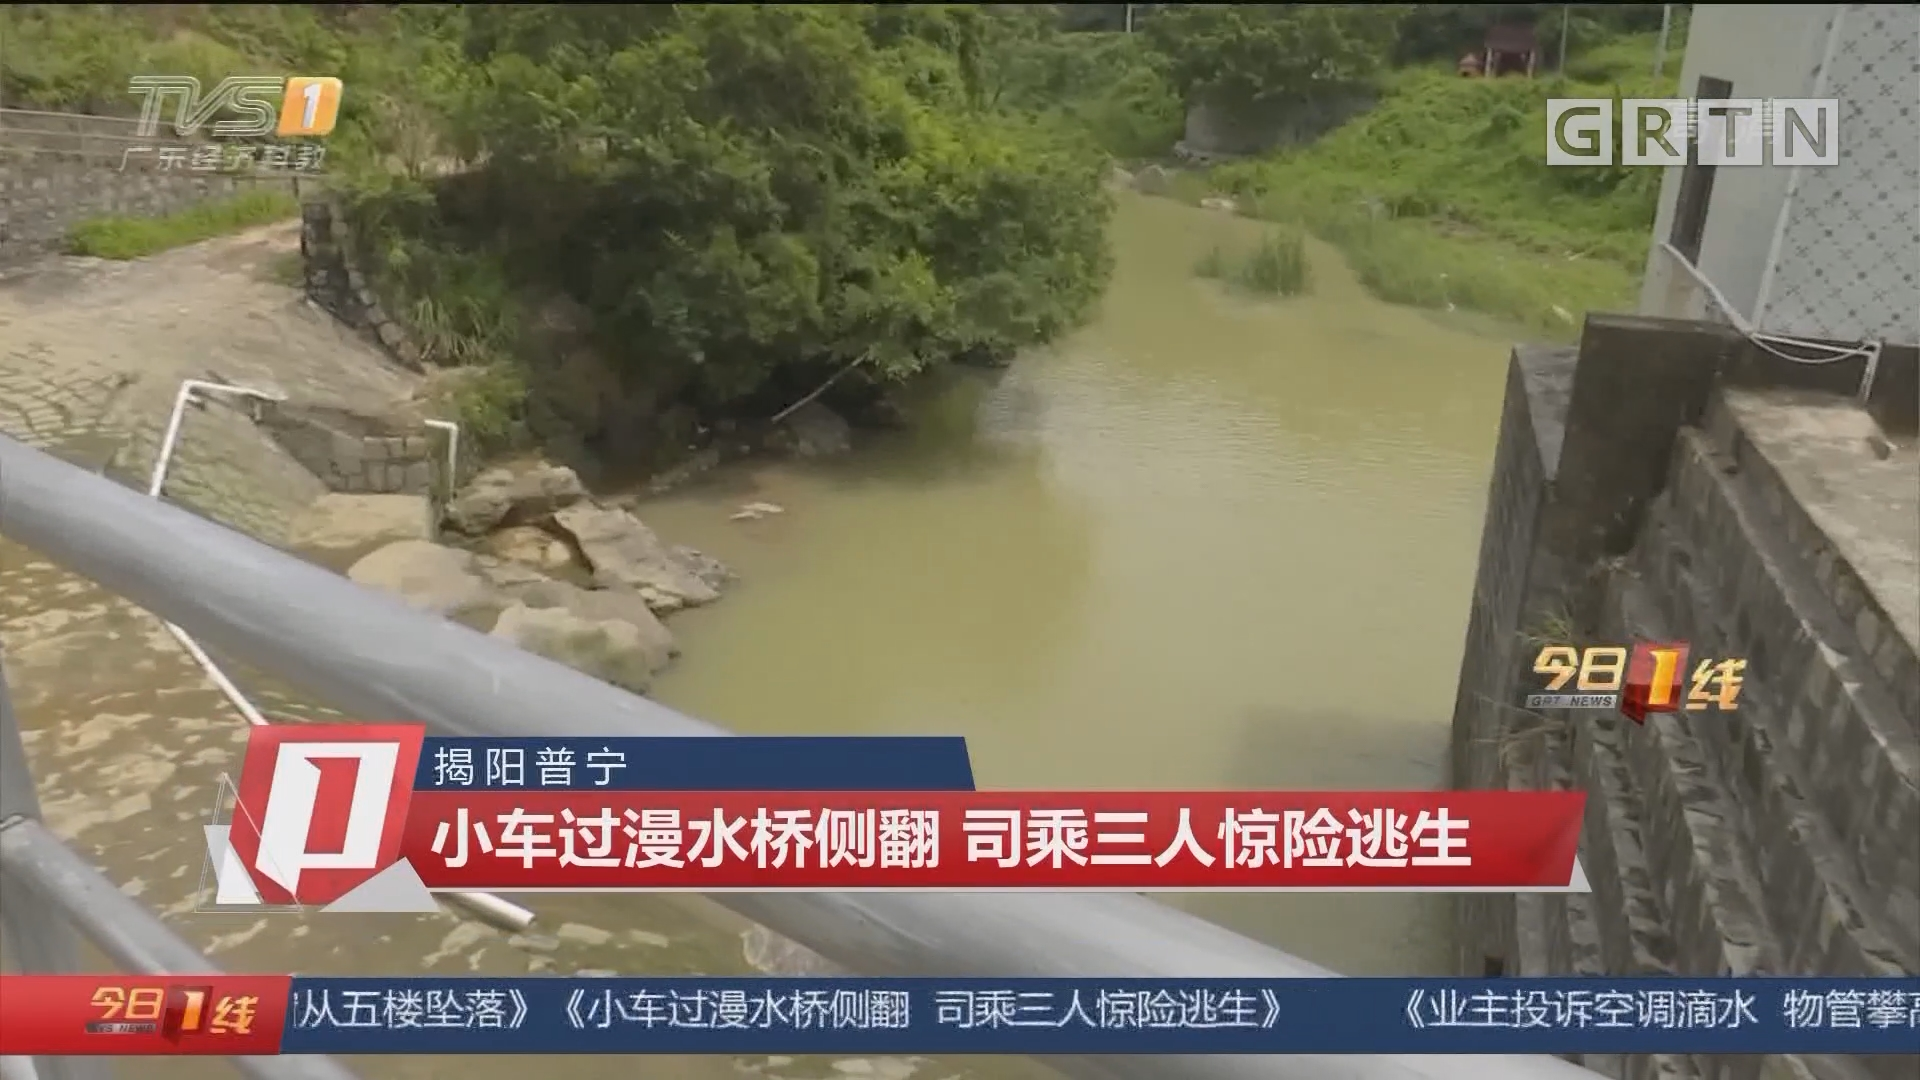 揭阳普宁:小车过漫水桥侧翻 司乘三人惊险逃生